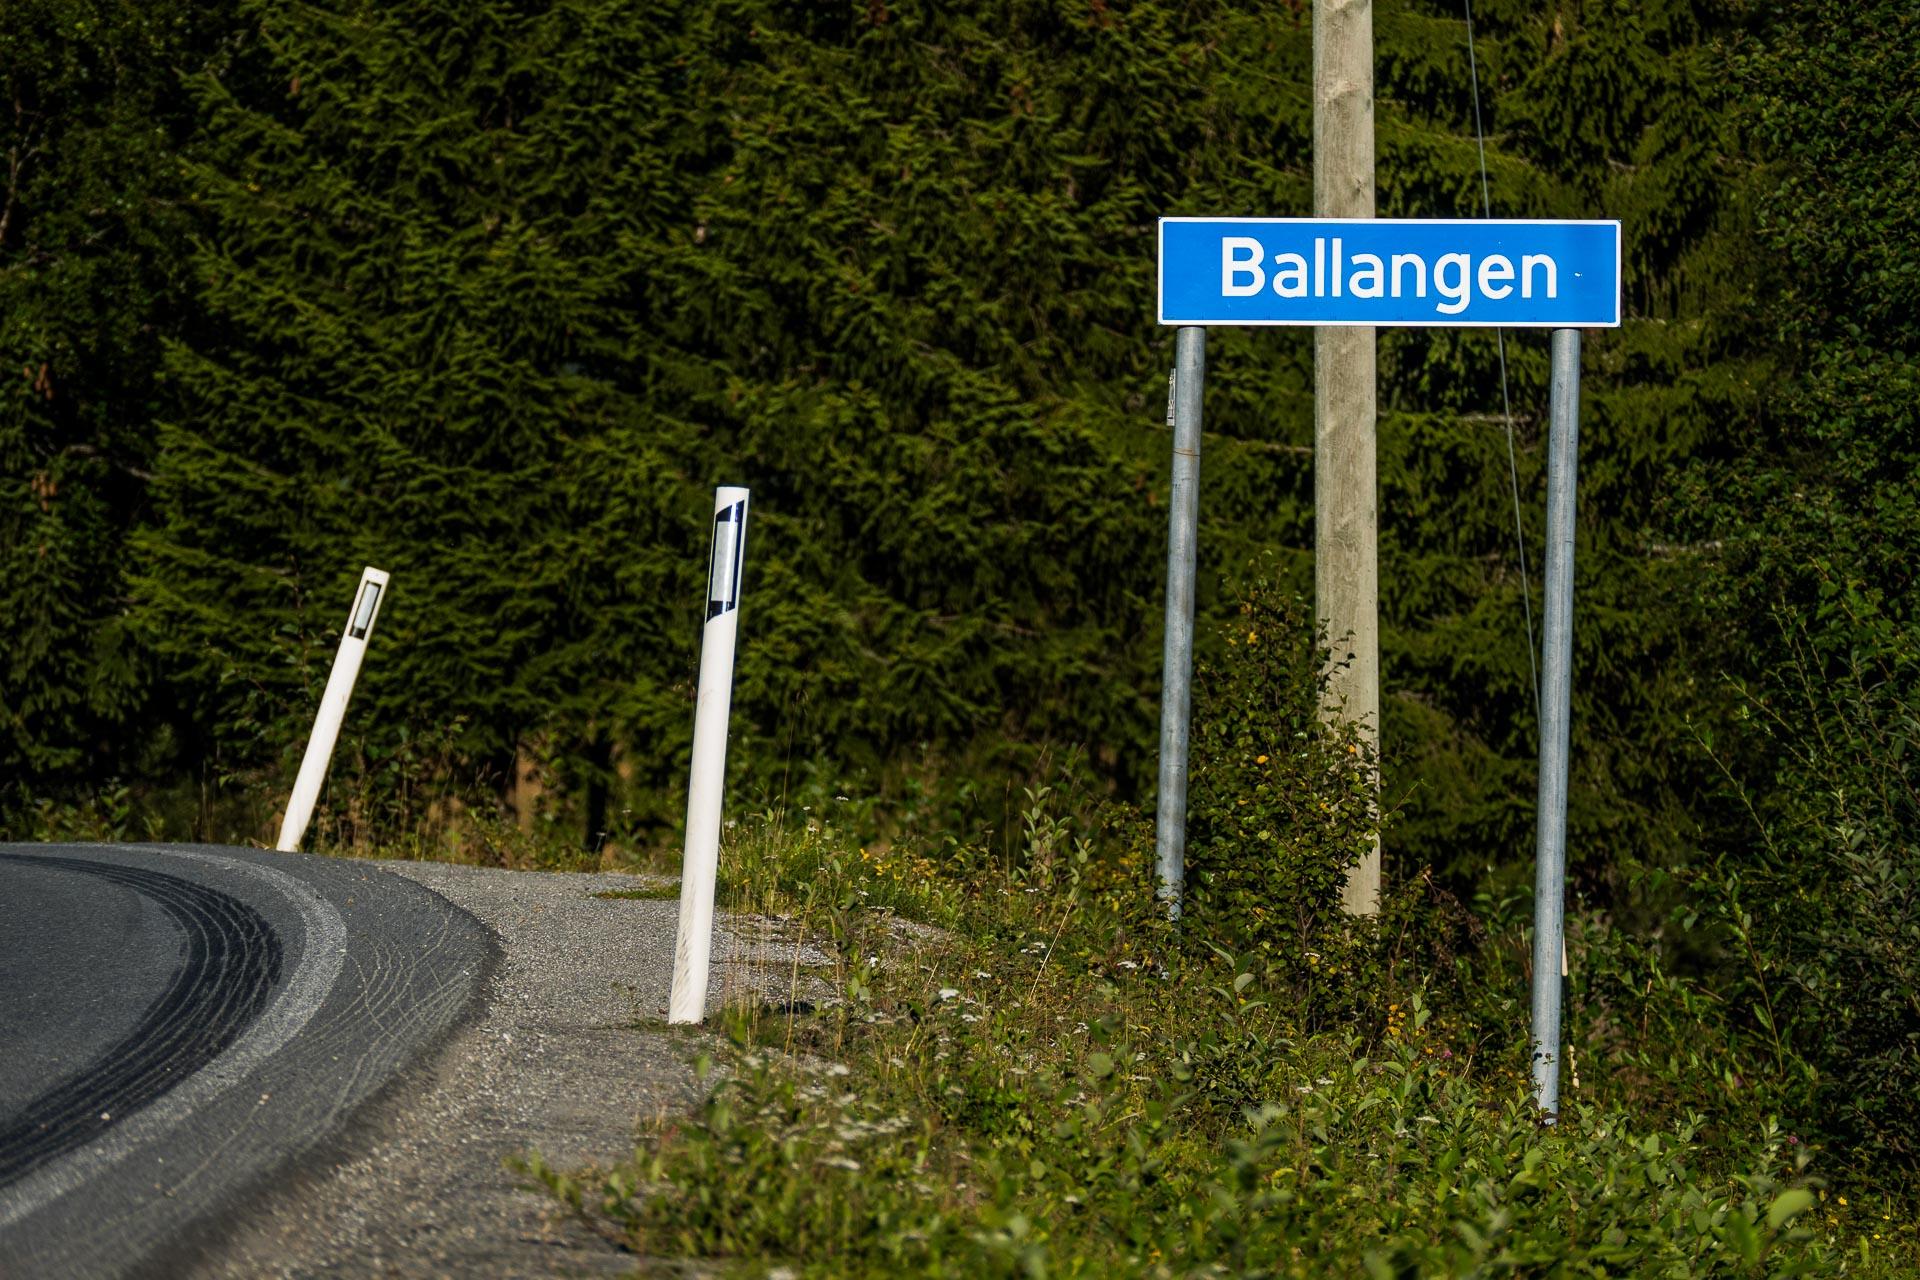 Balnytt (Ballangen stedsnavnskilt)